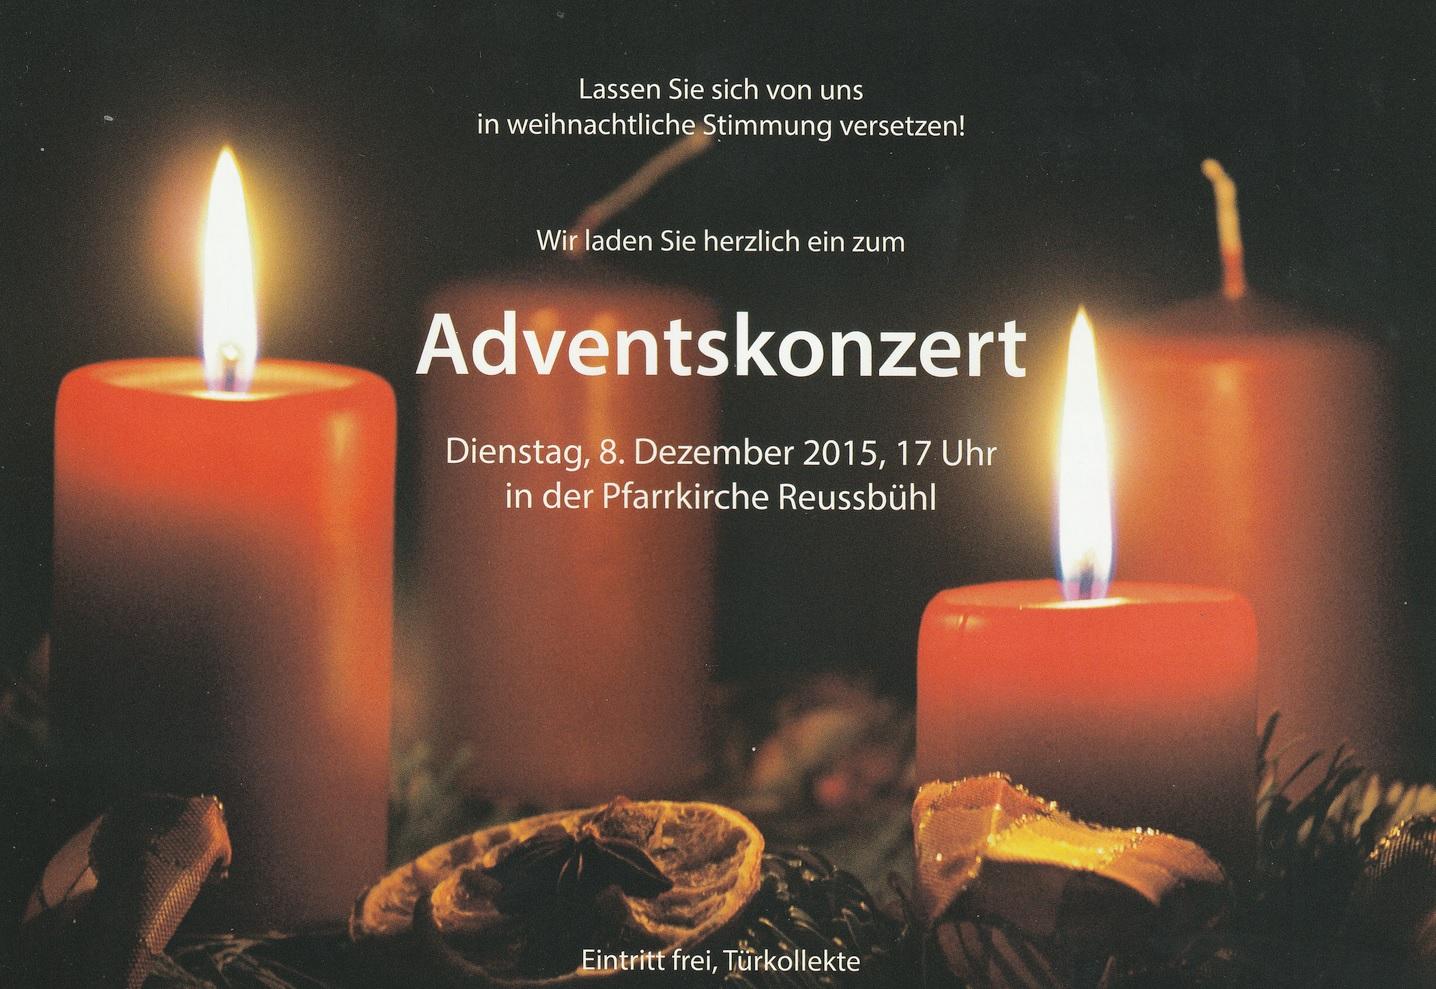 Adventskonzert in der Pfarrkirche Reussbühl (08.12.2015)